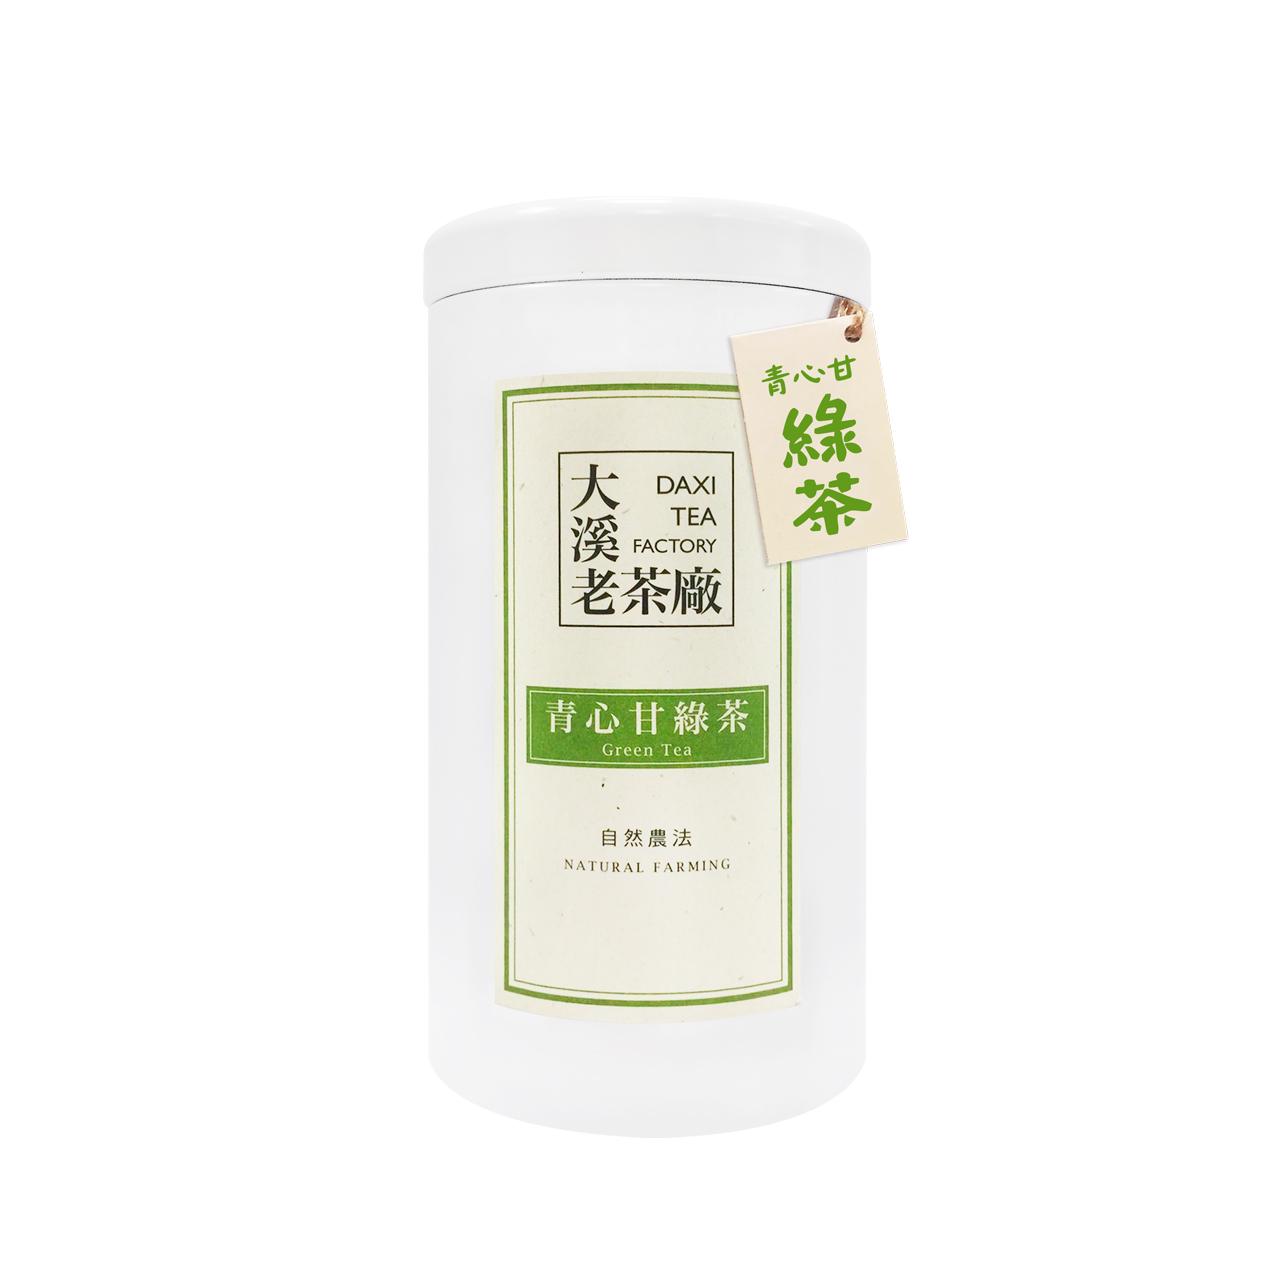 大溪-青心甘綠茶(自然農法)